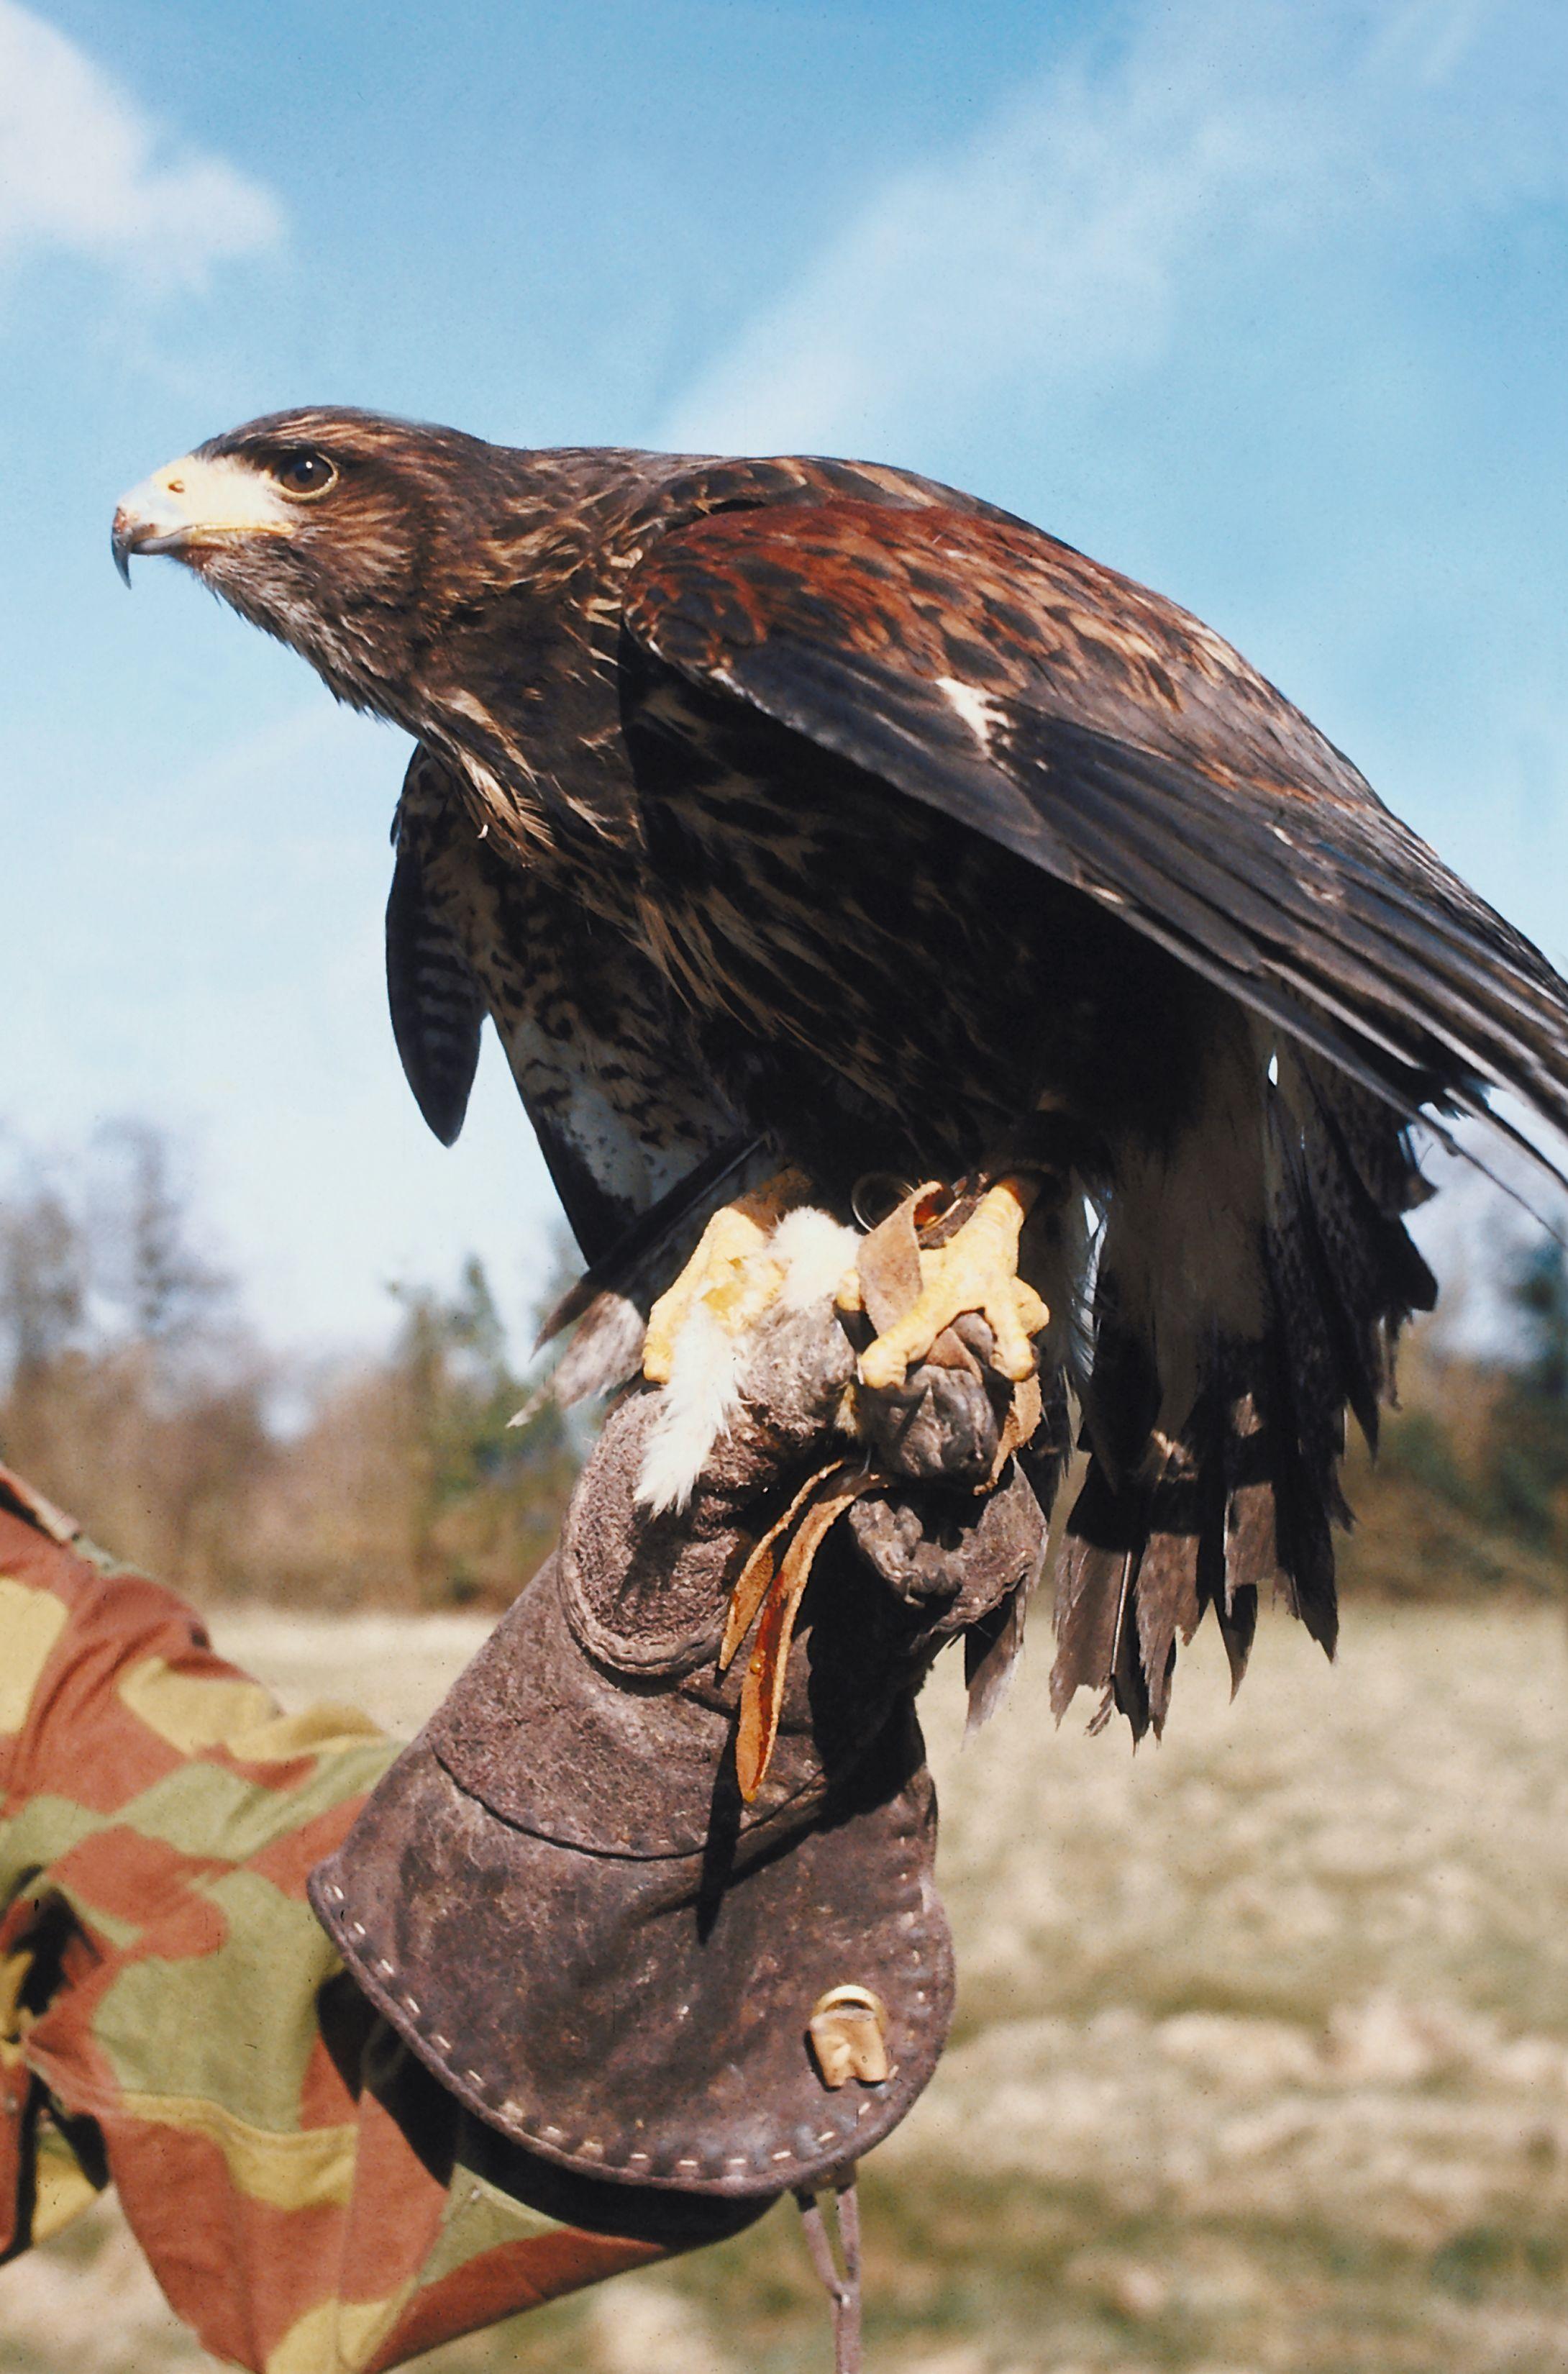 How To Make A Falconry Glove Falconry Glove Falconry Bald Eagle